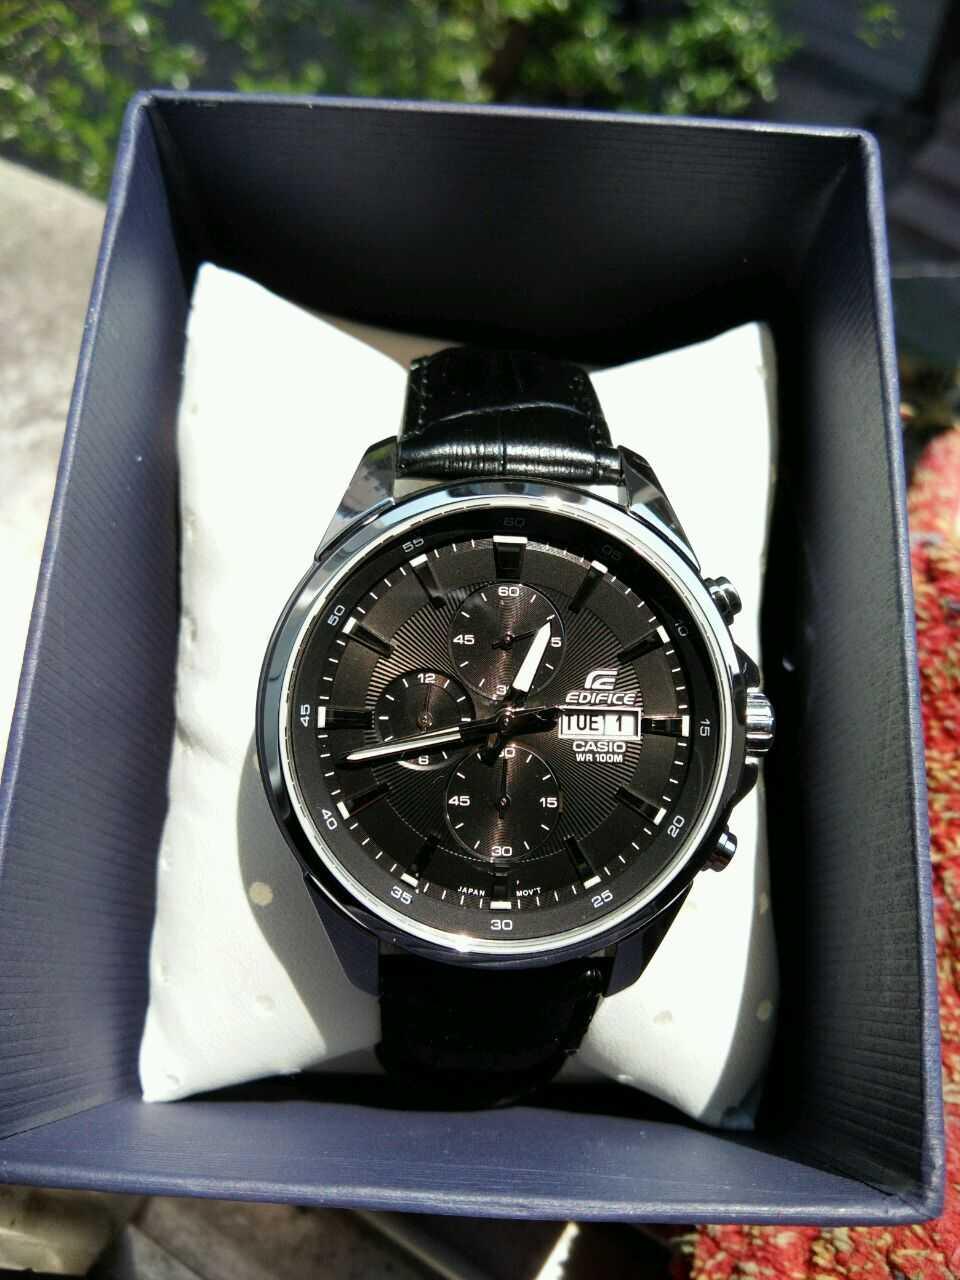 卡西欧EFB-509L-1AVUPR手表【表友晒单作业】视觉效果不...